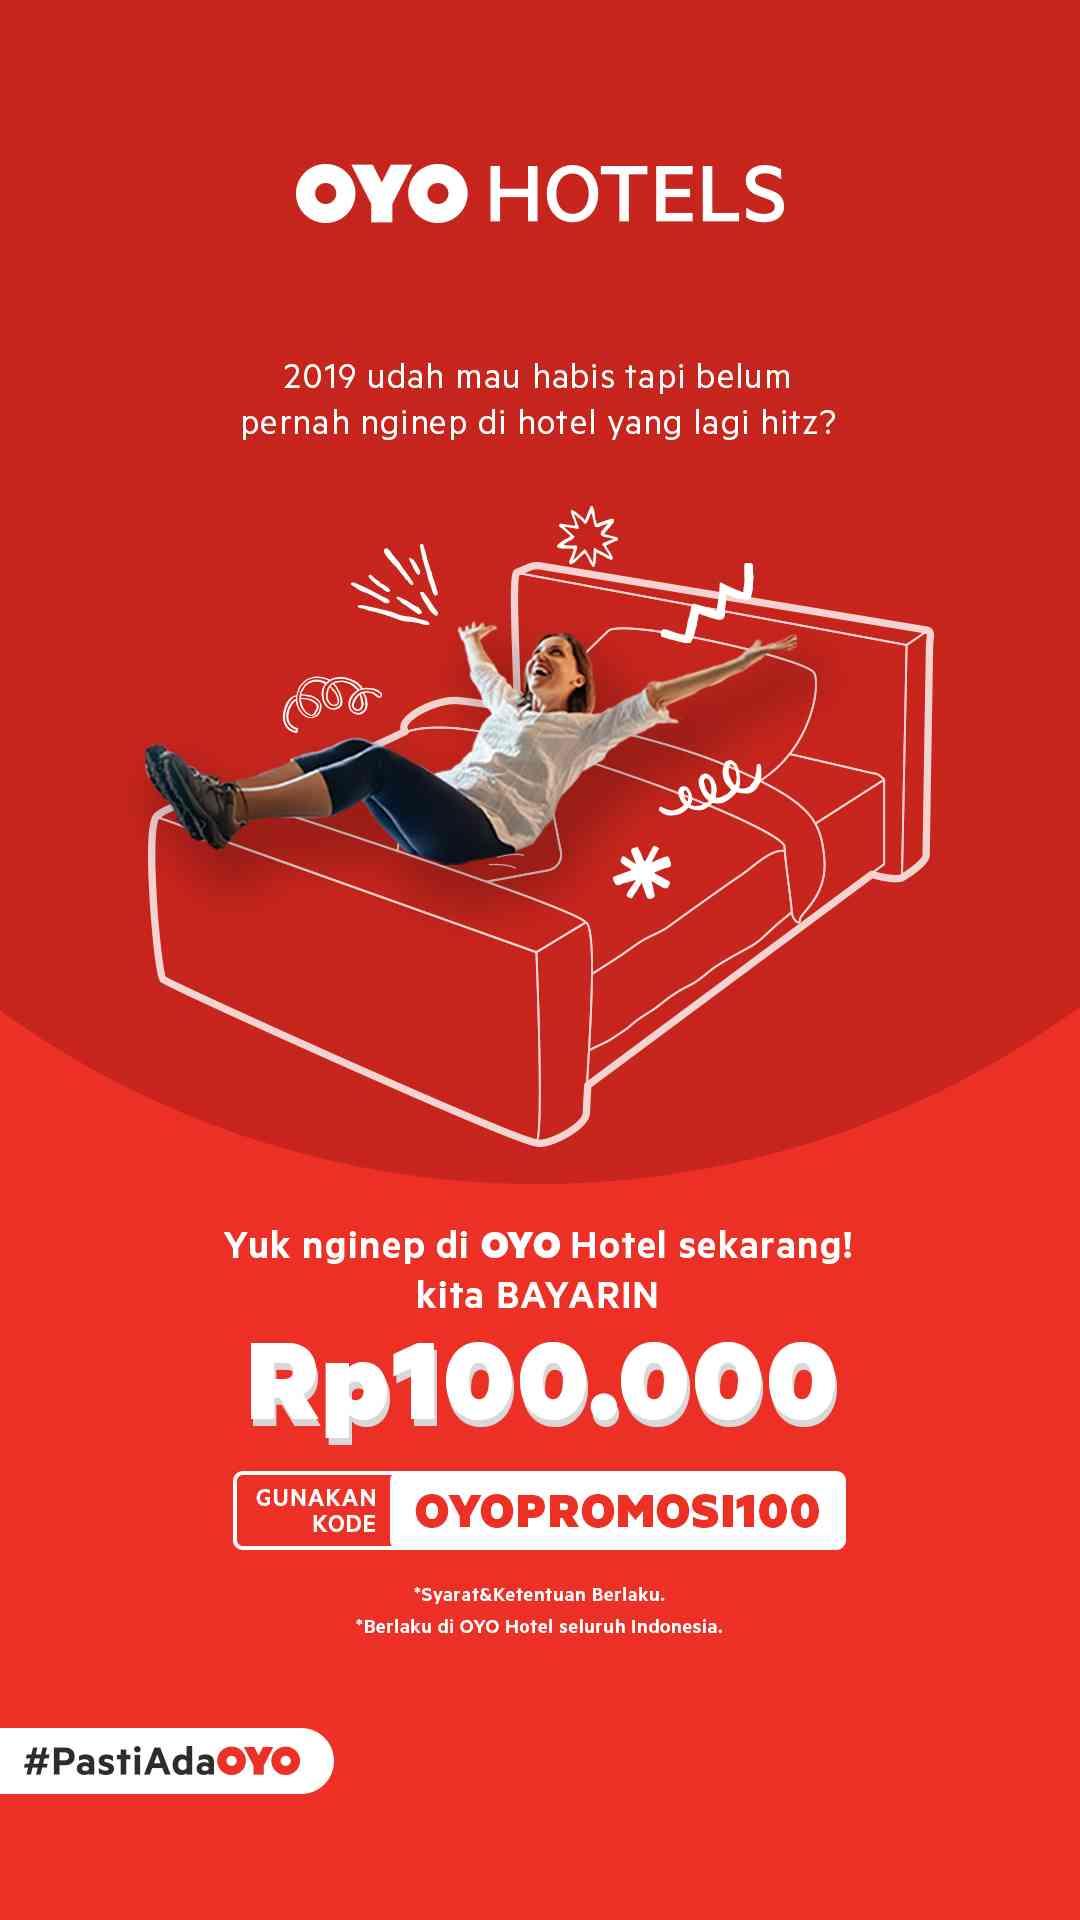 Nginap di OYO HOTELS di bayarin Rp. 100.000